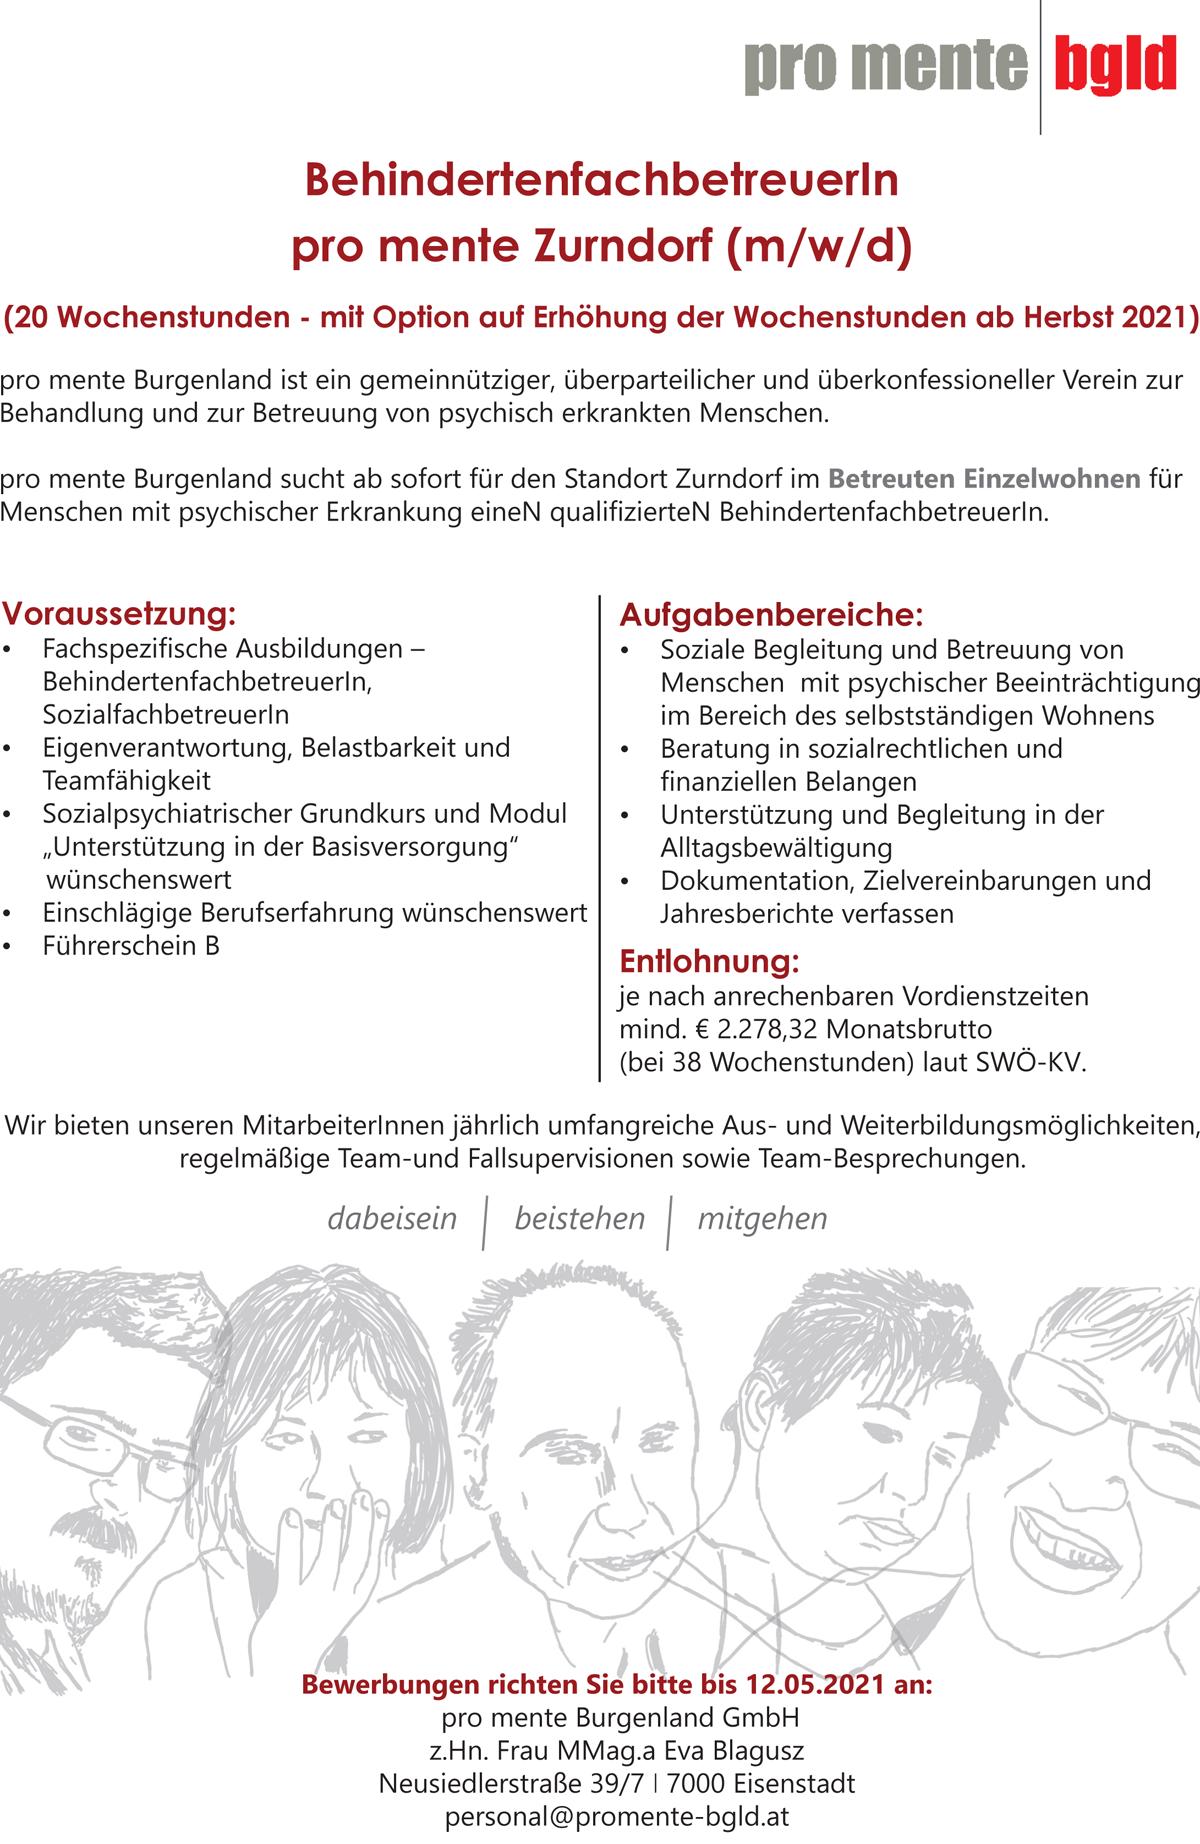 """pro mente Burgenland ist ein gemeinnütziger, überparteilicher und überkonfessioneller Verein zur Behandlung und zur Betreuung von psychisch erkrankten Menschen. pro mente Burgenland sucht ab sofort für den Standort Zurndorf im Betreuten Einzelwohnen für Menschen mit psychischer Erkrankung eineN qualifizierteN Behindertenfachbetreuerin. Voraussetzung: • Fachspezifische AusbildungenBehindertenfachbetreuerin, Sozialfachbetreuerln • Eigenverantwortung, Belastbarkeit und Teamfähigkeit • Sozialpsychiatrischer Grundkurs und Modul """"Unterstützung in der Basisversorgung"""" wünschenswert • Einschlägige Berufserfahrung wünschenswert • Führerschein B Aufgabenbereiche: • Soziale Begleitung und Betreuung von Menschen mit psychischer Beeinträchtigung im Bereich des selbstständigen Wohnens • Beratung in sozialrechtlichen und finanziellen Belangen • Unterstützung und Begleitung in der Alltagsbewältigung • Dokumentation, Zielvereinbarungen und Jahresberichte verfassen Entlohnung: je nach anrechenbaren Vordienstzeiten mind. € 2.278,32 Monatsbrutto (bei 38 Wochenstunden) laut SWÖ-KV. Wir bieten unseren Mitarbeiterinnen jährlich umfangreiche Aus- und Weiterbildungsmöglichkeiten, regelmäßige Team-und Fallsupervisionen sowie Team-Besprechungen."""